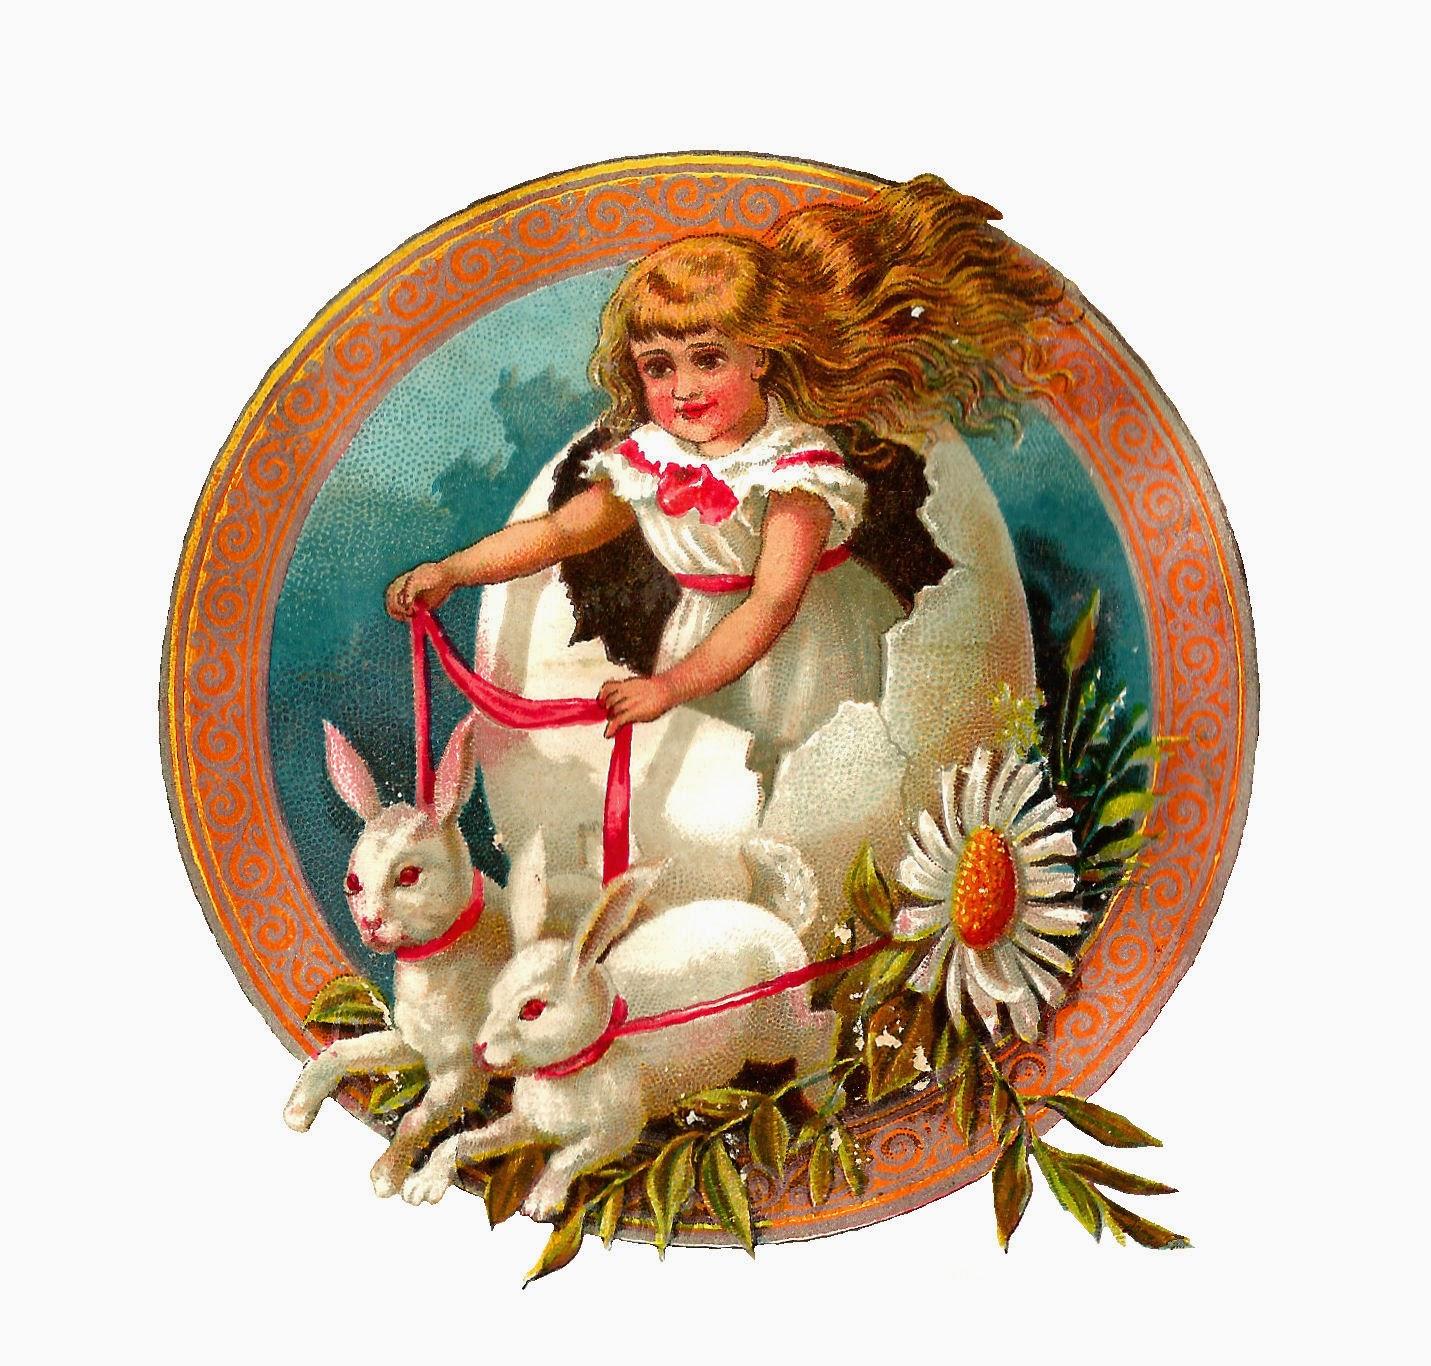 http://3.bp.blogspot.com/-l1tYGsq-6ls/U02PFZRCI9I/AAAAAAAATkI/mkxcubLO41Q/s1600/easter_2_bunny_girl_egg.jpg